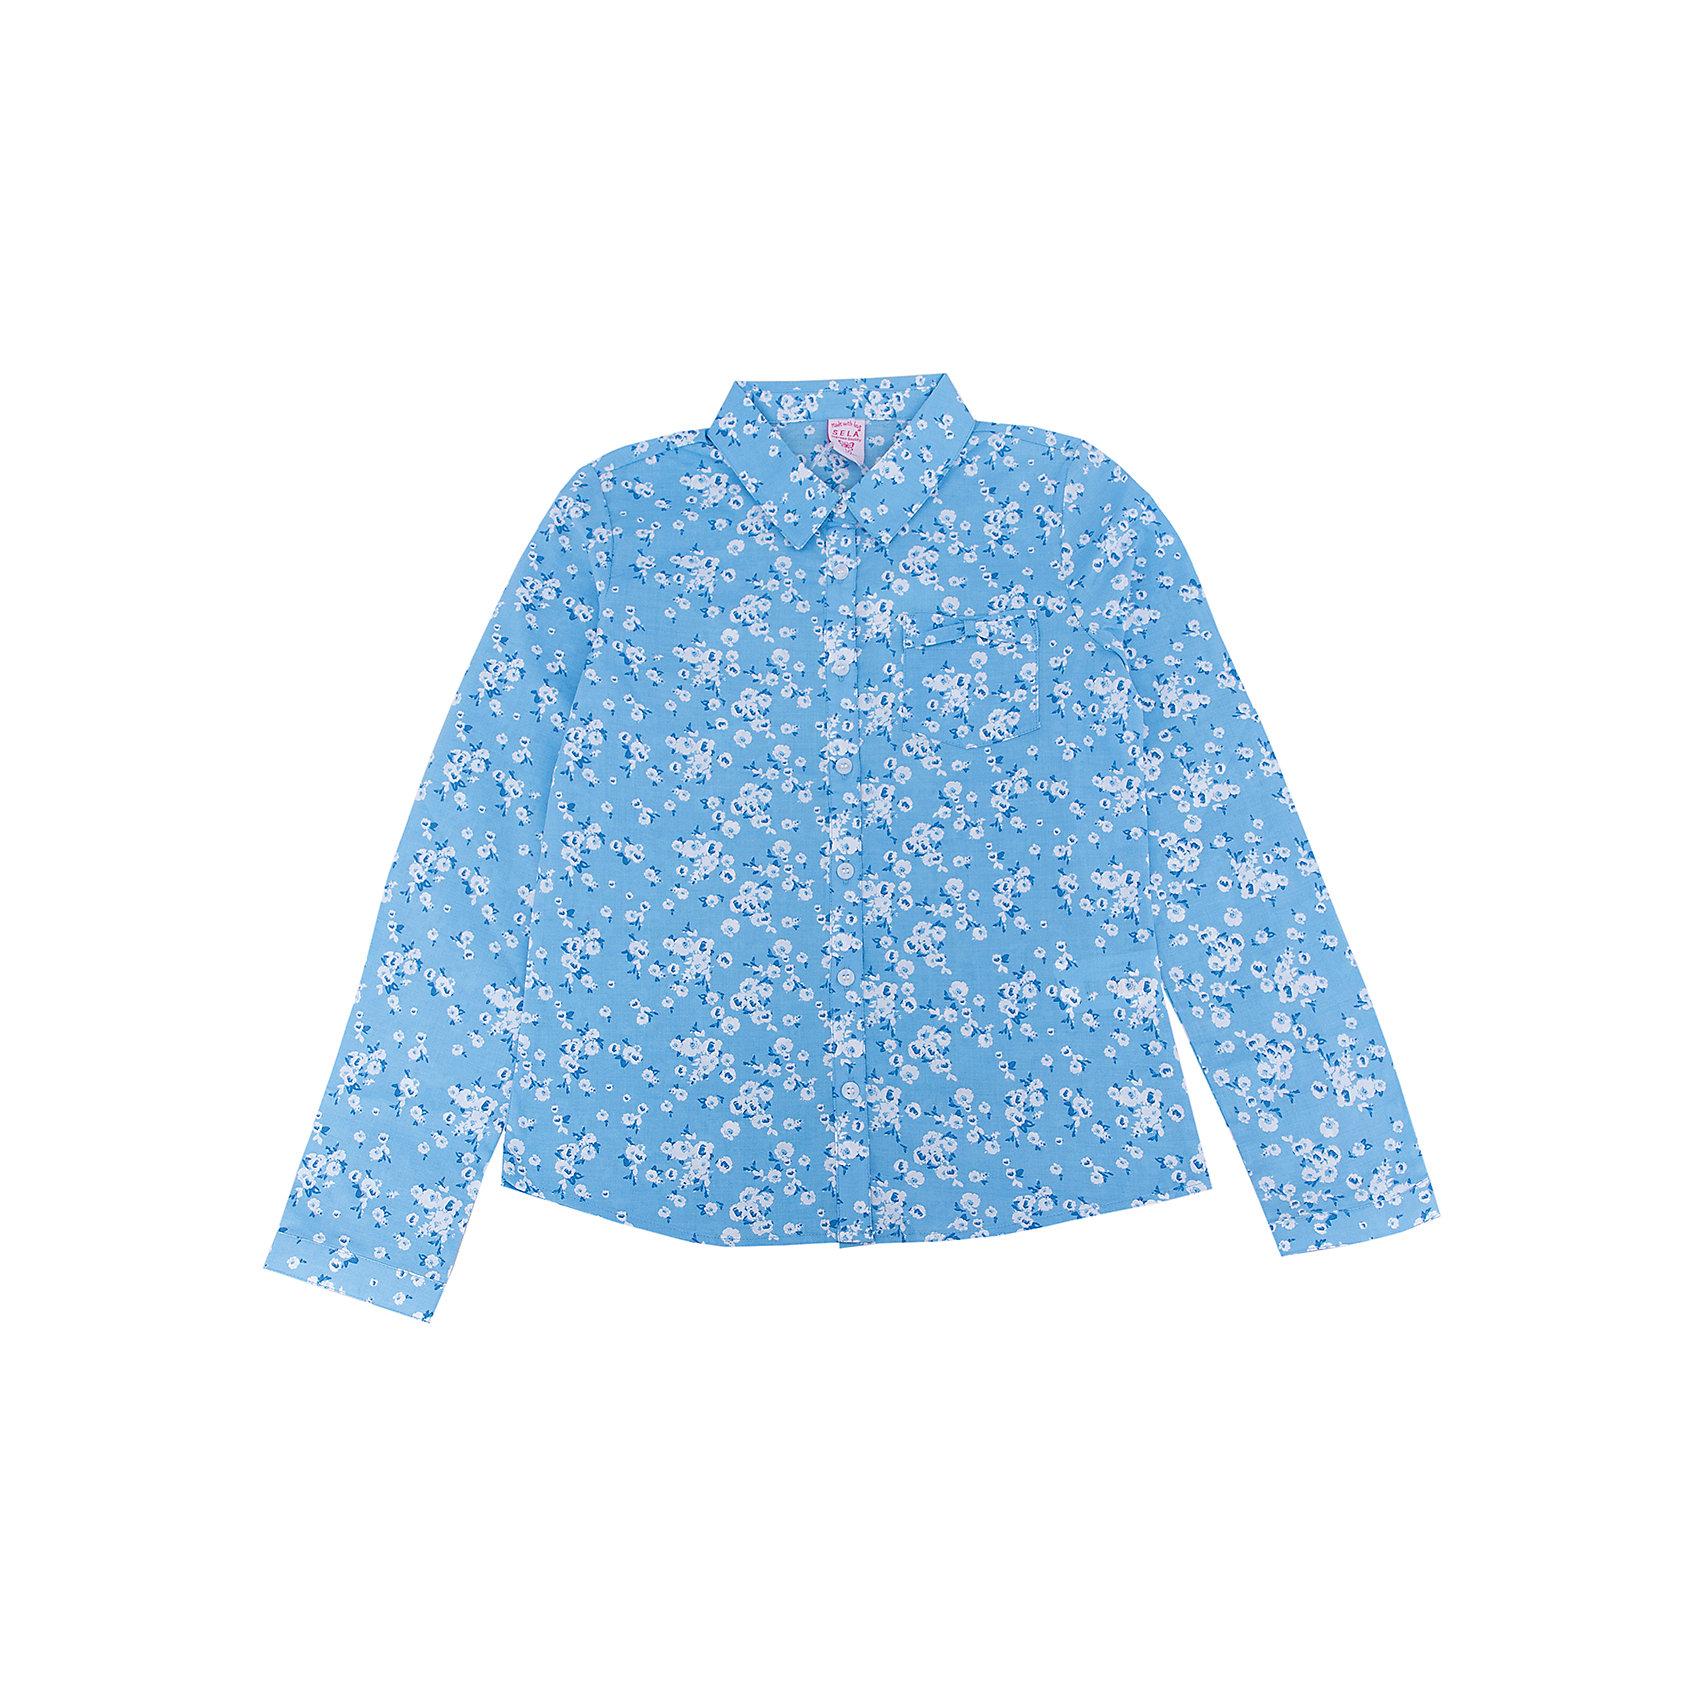 Блуза для девочки SELAБлузки и рубашки<br>Характеристики:<br><br>• Вид детской и подростковой одежды: блузка<br>• Предназначение: повседневная (для школы), праздничная<br>• Сезон: весна-лето<br>• Стиль: романтичный<br>• Тематика рисунка: цветочный<br>• Цвет: голубой принт<br>• Материал: хлопок, 100%<br>• Силуэт: полуприталенный<br>• Длина рукава: длинный с манжетом<br>• Воротник: отложной<br>• Застежка: пуговицы на передней планке<br>• Особенности ухода: допускается деликатная стирка без использования красящих и отбеливающих средств, глажение на щадящем режиме<br><br>Блуза для девочки SELA из коллекции детской и подростковой одежды от знаменитого торгового бренда, который производит удобную, комфортную и стильную одежду, предназначенную как для будней, так и для праздников. Блузка для девочки SELA выполнена из 100% хлопка, который обладает хорошими гигиеническими и гигроскопичными свойствами, при частых стирках не изменяет цвет, оличается повышенной износоустойчивостью . Изделие выполнено в классическом стиле: полуприталенный силуэт, длинный рукав с манжетами и отложной воротничок. Небесно-голубой цвет и мелкий цветочный принт придают изделию романтическую нотку. Блузка для девочки SELA может быть в качестве базовой вещи в гардеробе девочки, прекрасно будет сочетаться с однотонным строгим пиджаком.<br><br>Блузу для девочки SELA можно купить в нашем интернет-магазине.<br>Состав:<br>100% хлопок<br><br>Ширина мм: 186<br>Глубина мм: 87<br>Высота мм: 198<br>Вес г: 197<br>Цвет: голубой<br>Возраст от месяцев: 108<br>Возраст до месяцев: 120<br>Пол: Женский<br>Возраст: Детский<br>Размер: 140,146,152,116,122,128,134<br>SKU: 5305007